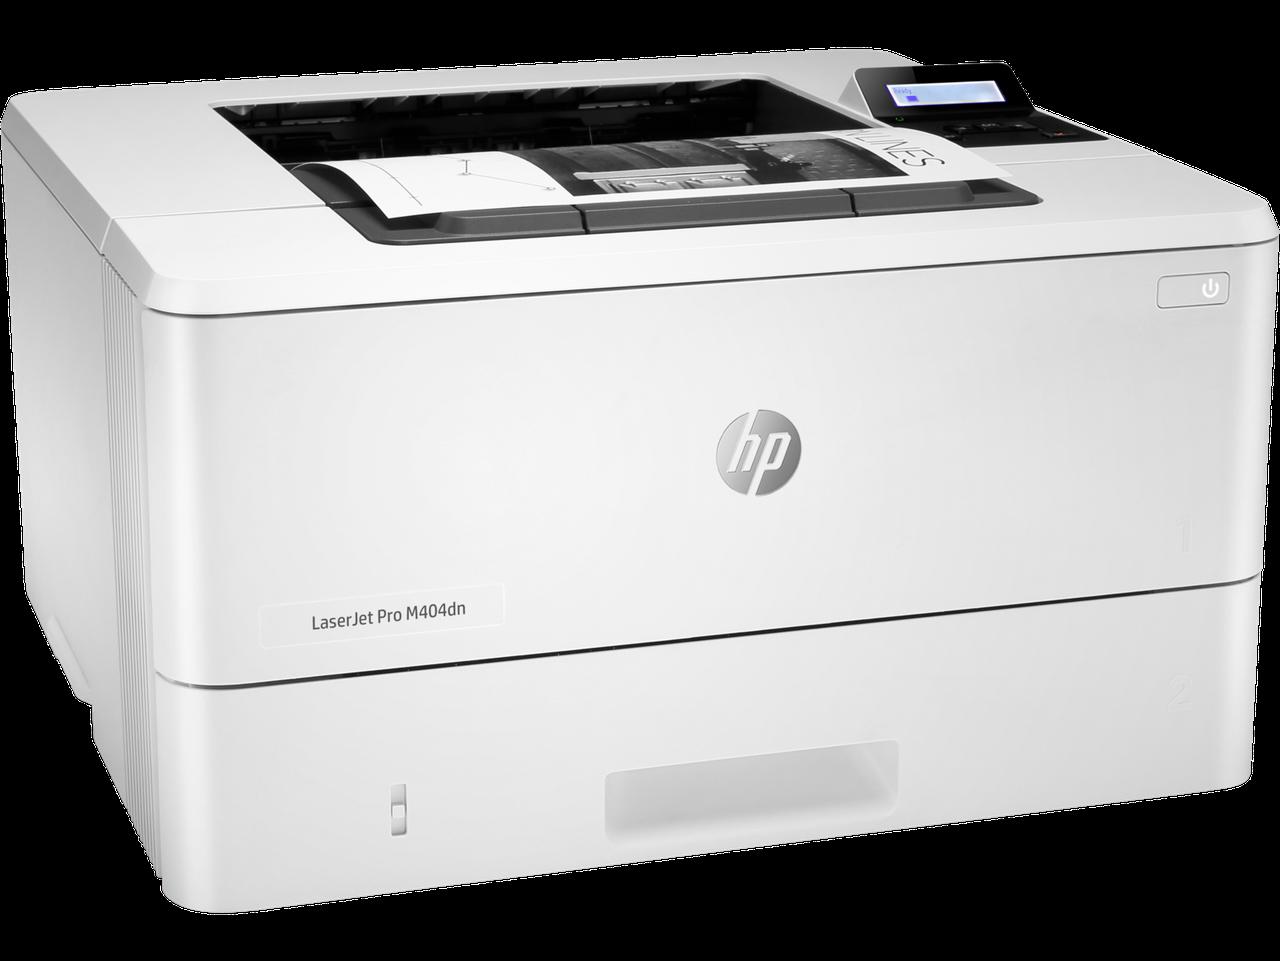 ПринтерHP W1A56A HP LaserJet Pro M404dw Printer (A4) , 1200 dpi, 38 ppm, 256 Mb, 1200 MHz, tray 100+250 pages